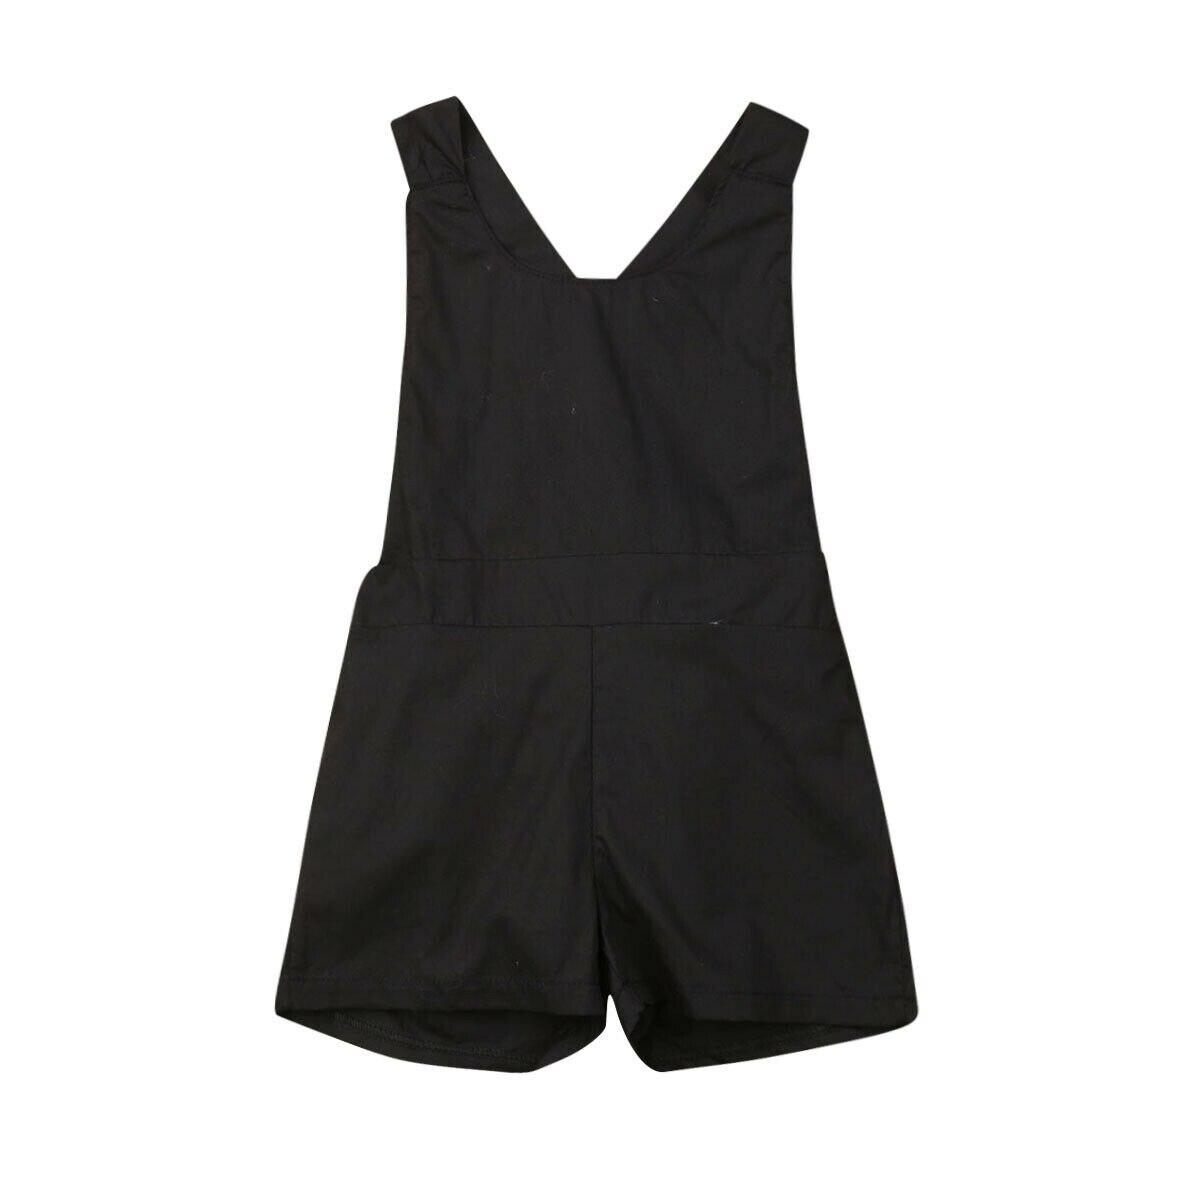 1-6y Sommer Kleinkind Kinder Baby Mädchen Sommer Kleidung Sleeveless Backless Verband Solid Black Mädchen Romper Overall Sunsuit Wasserdicht, StoßFest Und Antimagnetisch